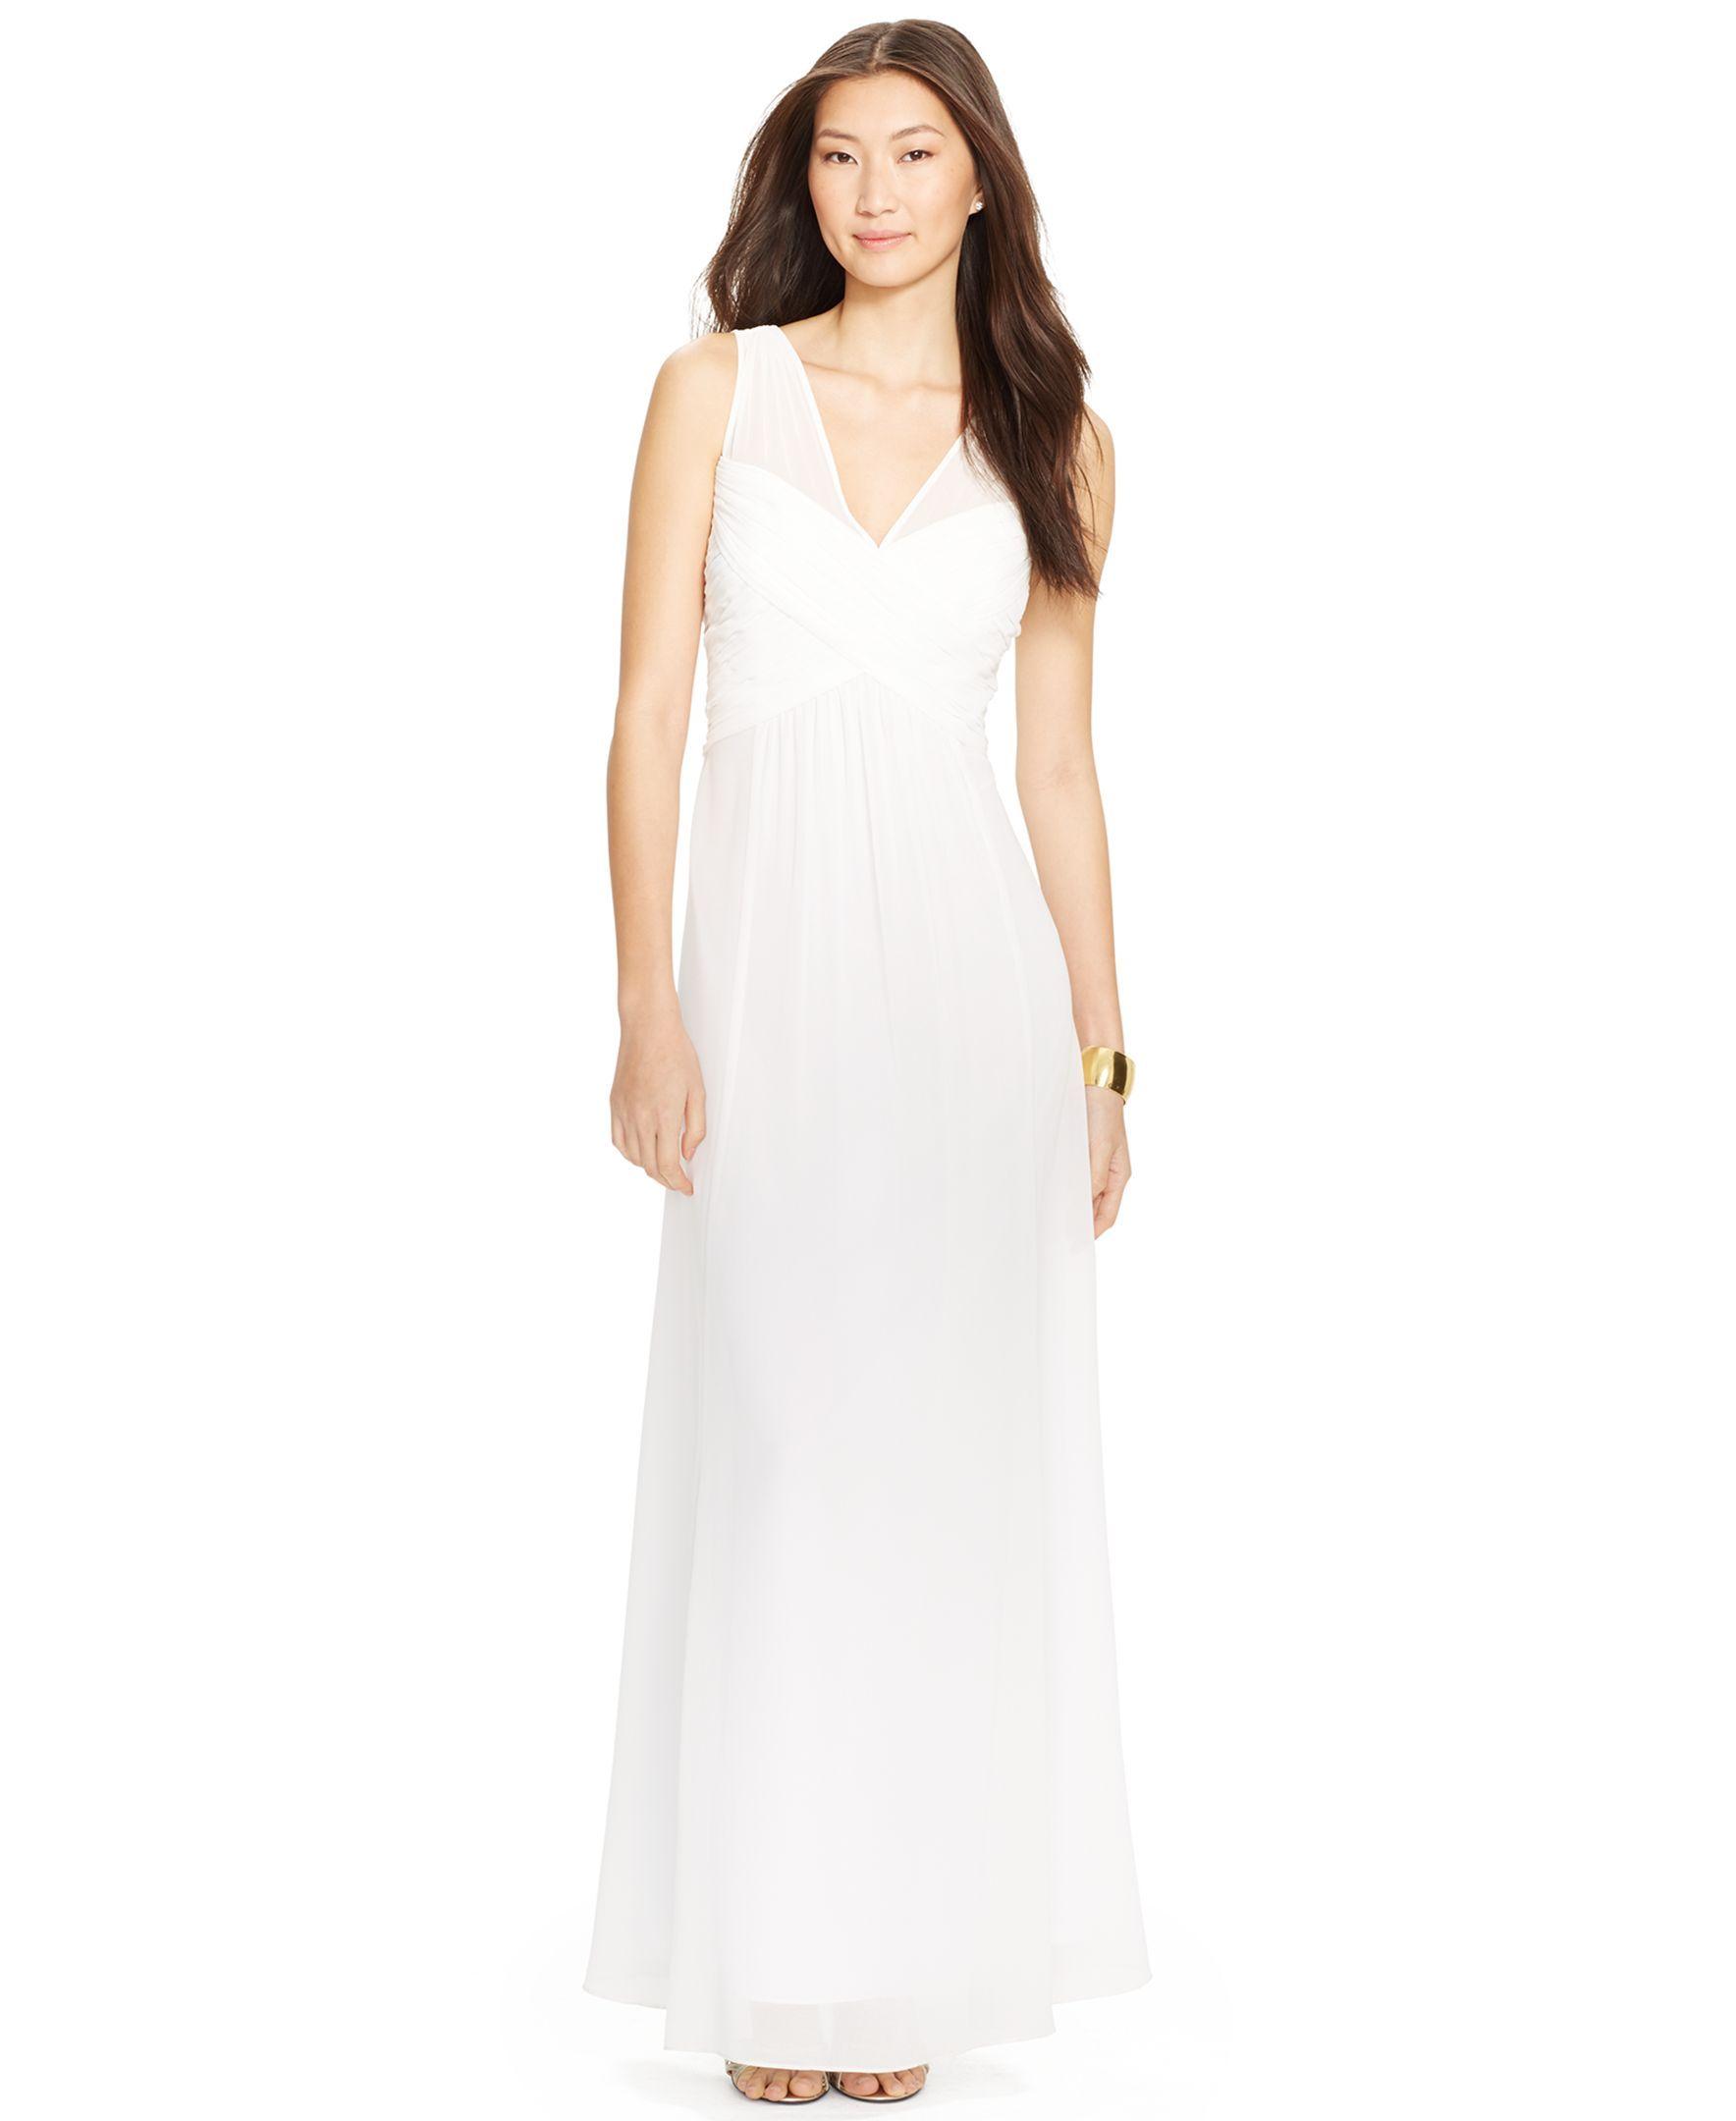 21+ Ralph lauren wedding dresses ideas